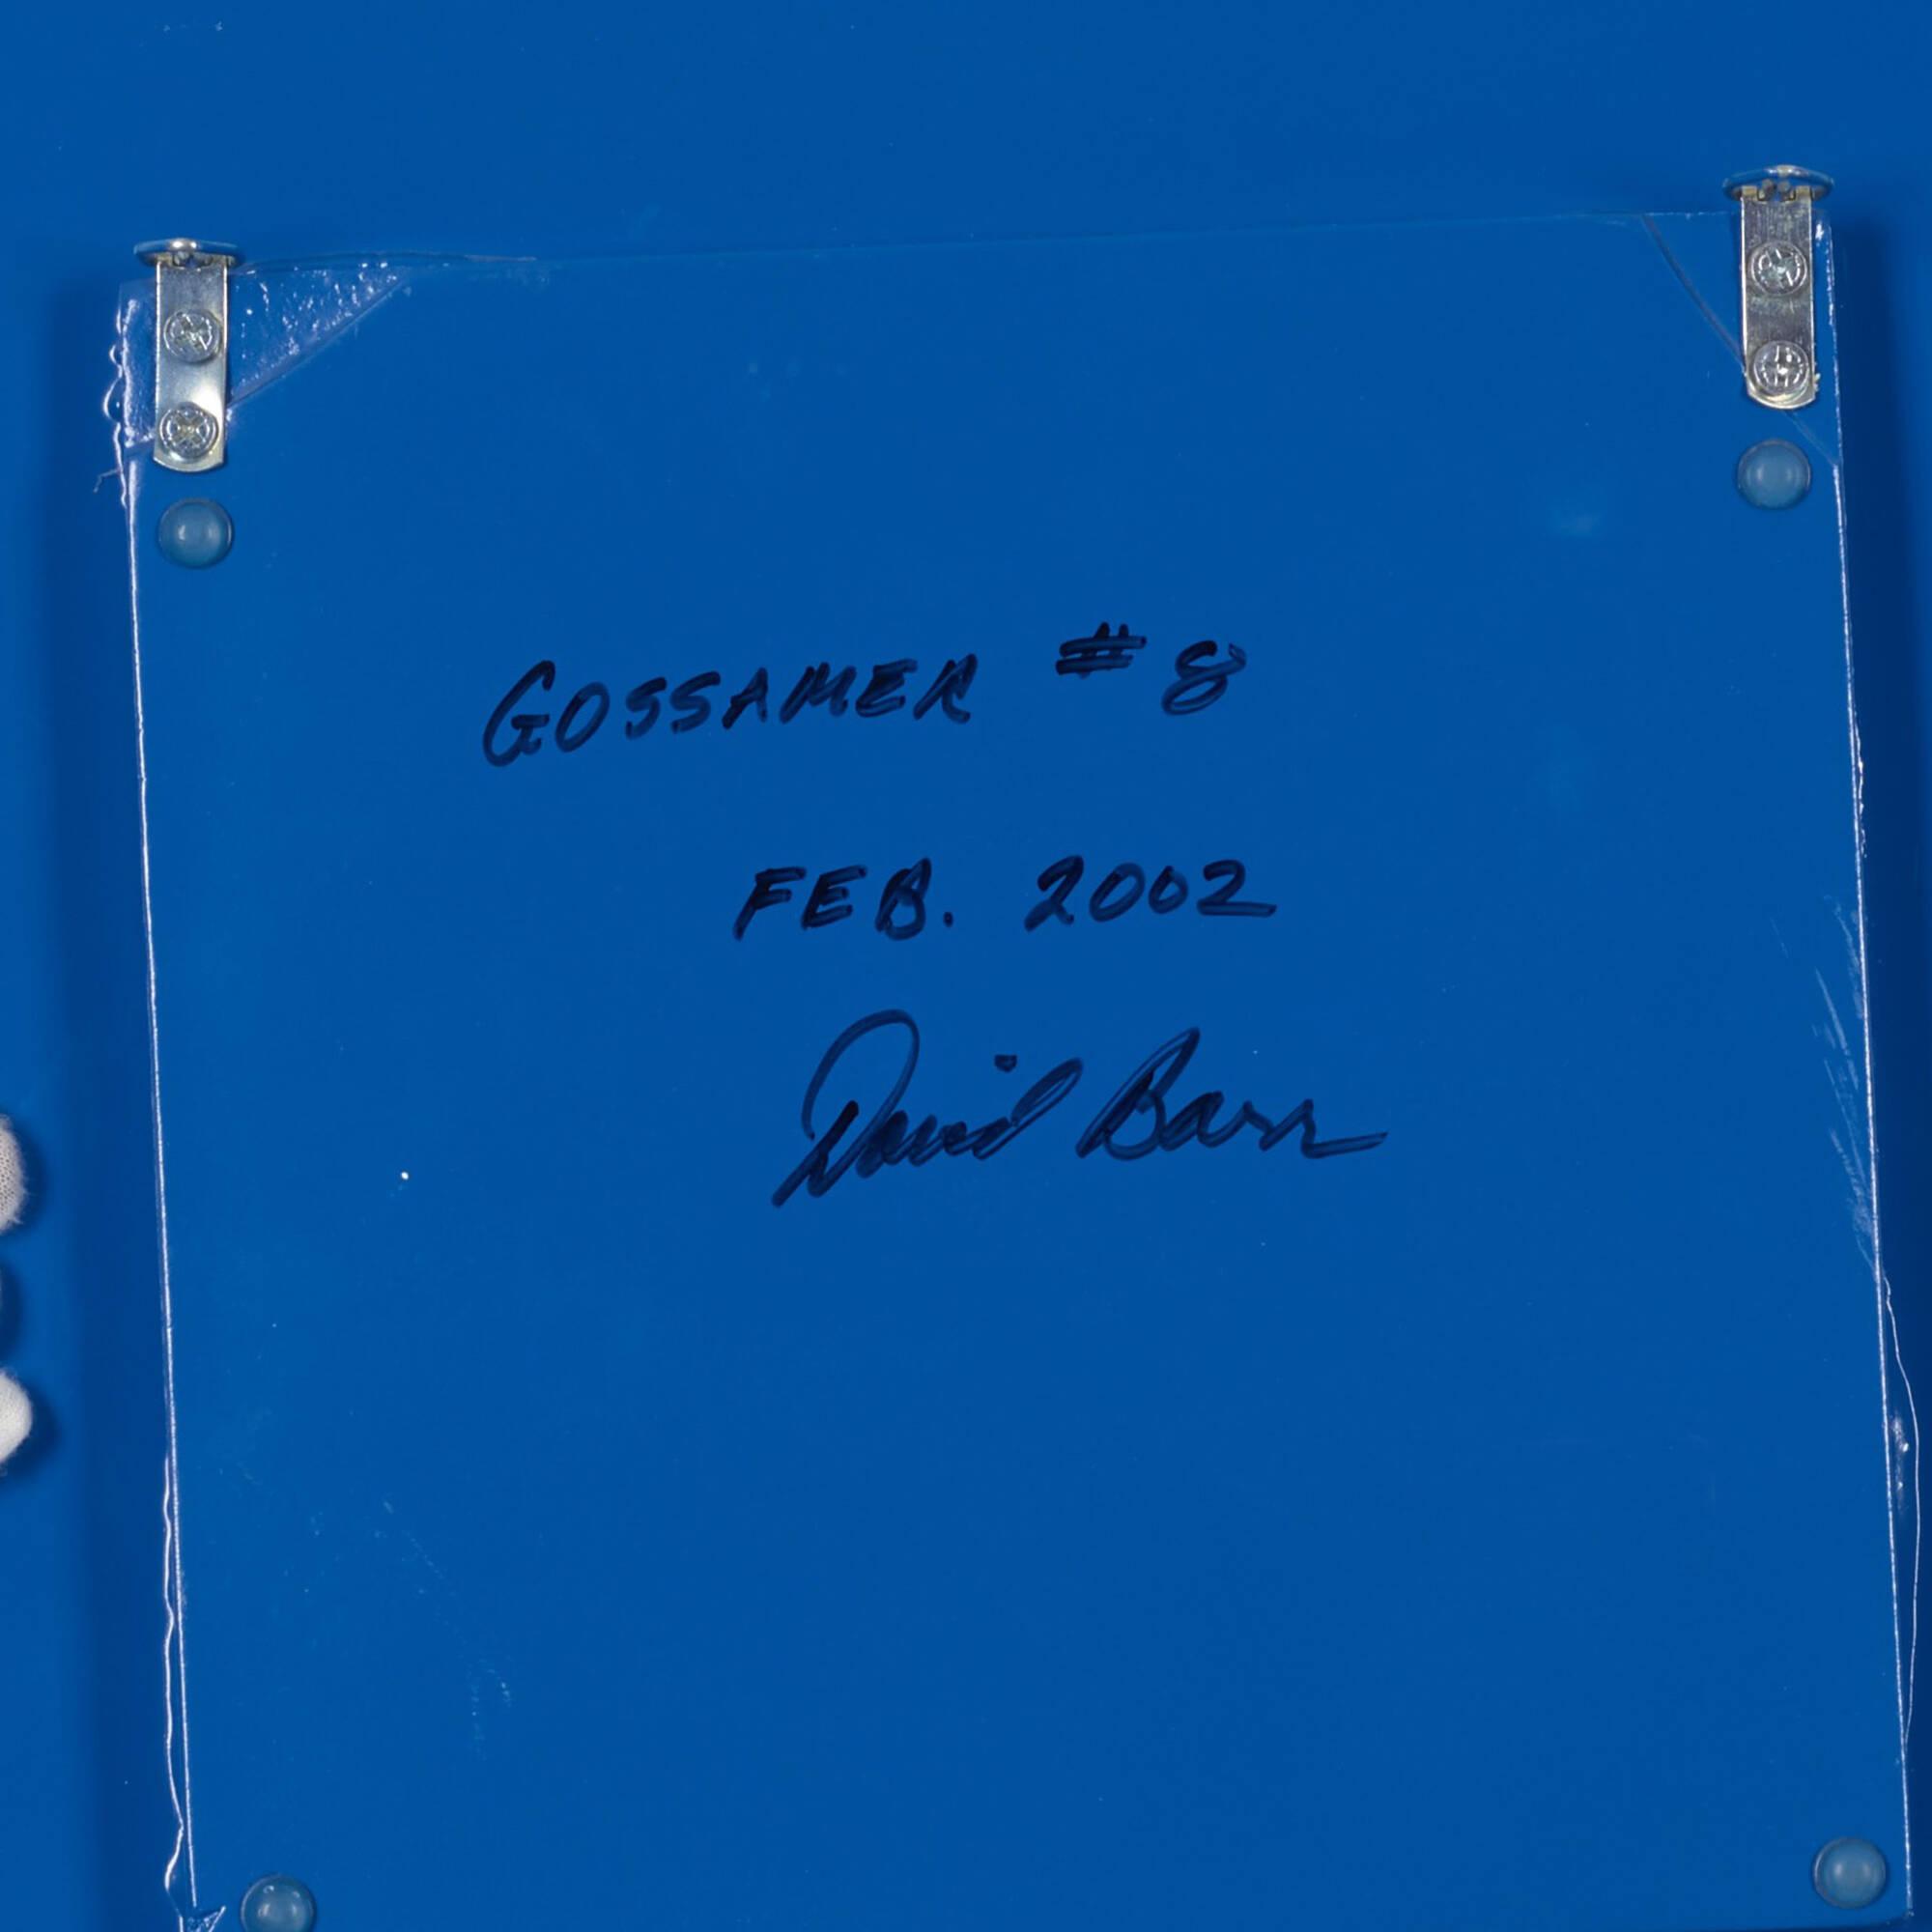 156: David Barr / Gossamer No. 8 (3 of 3)